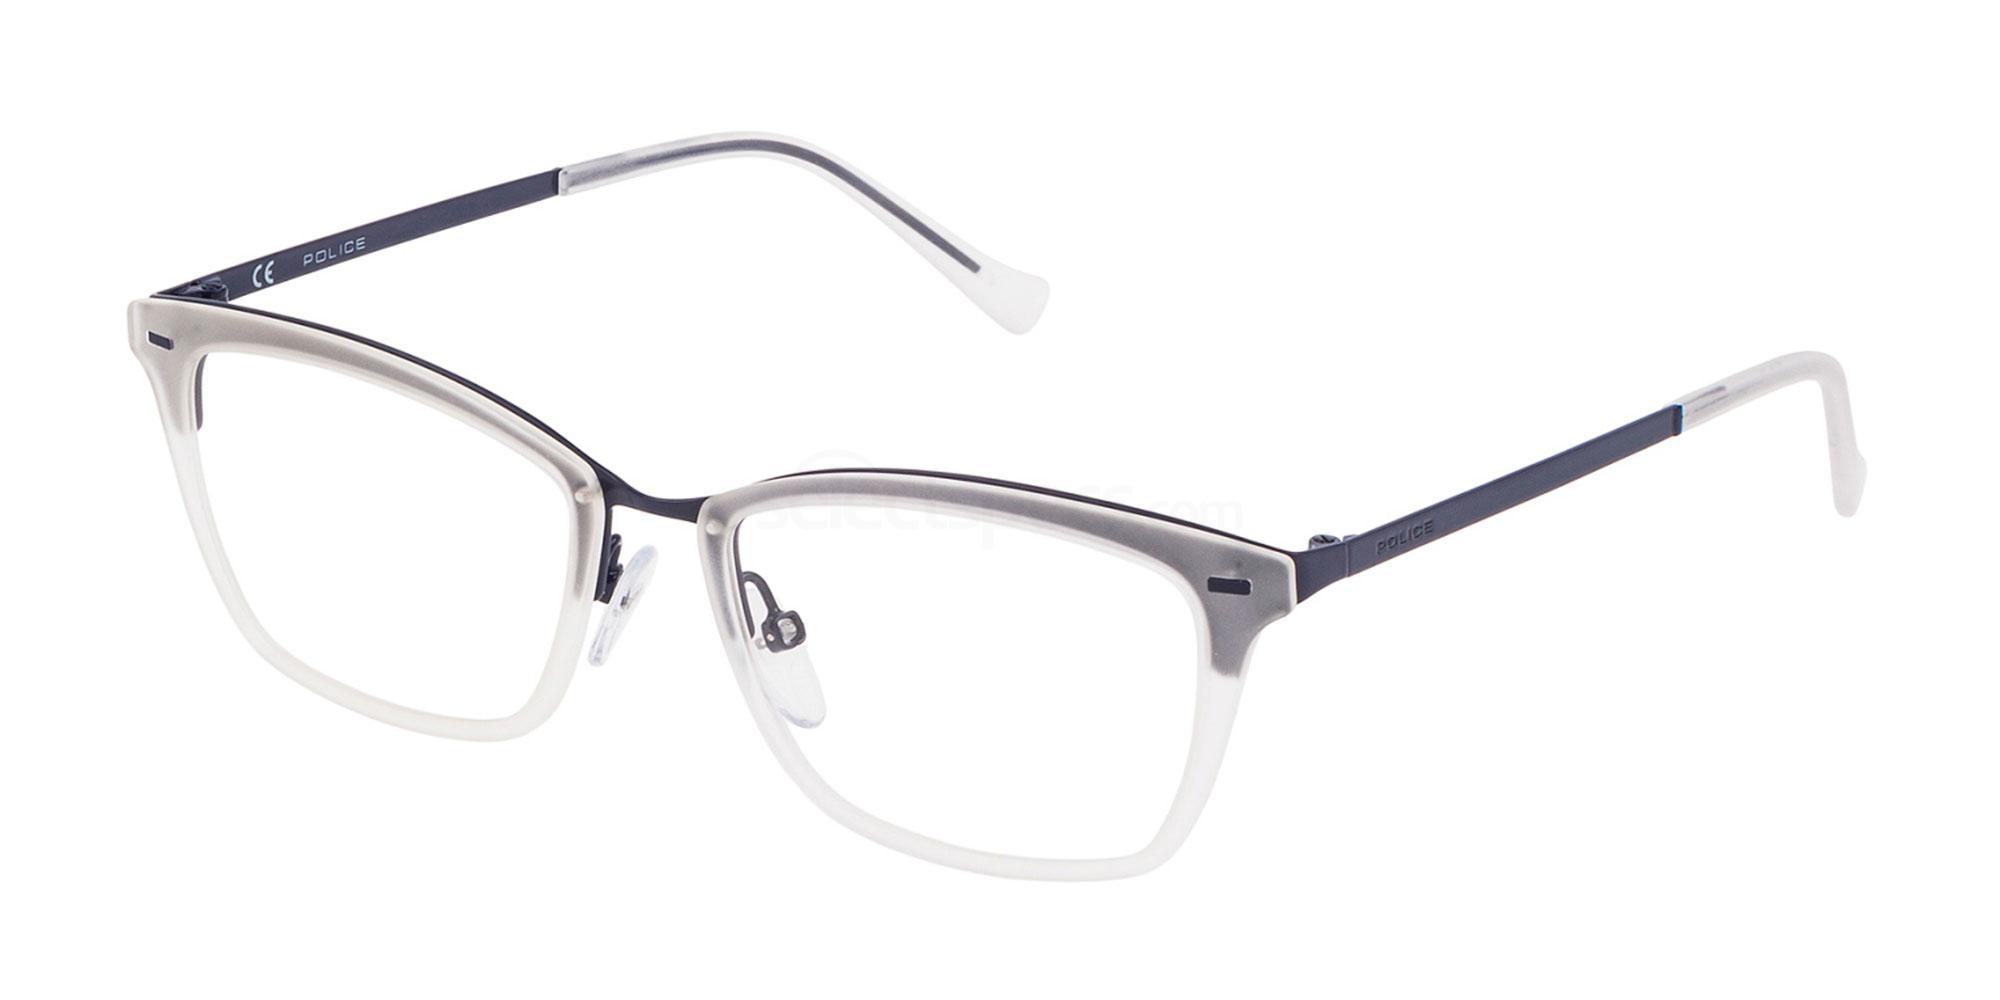 08AS VPL284M Glasses, Police